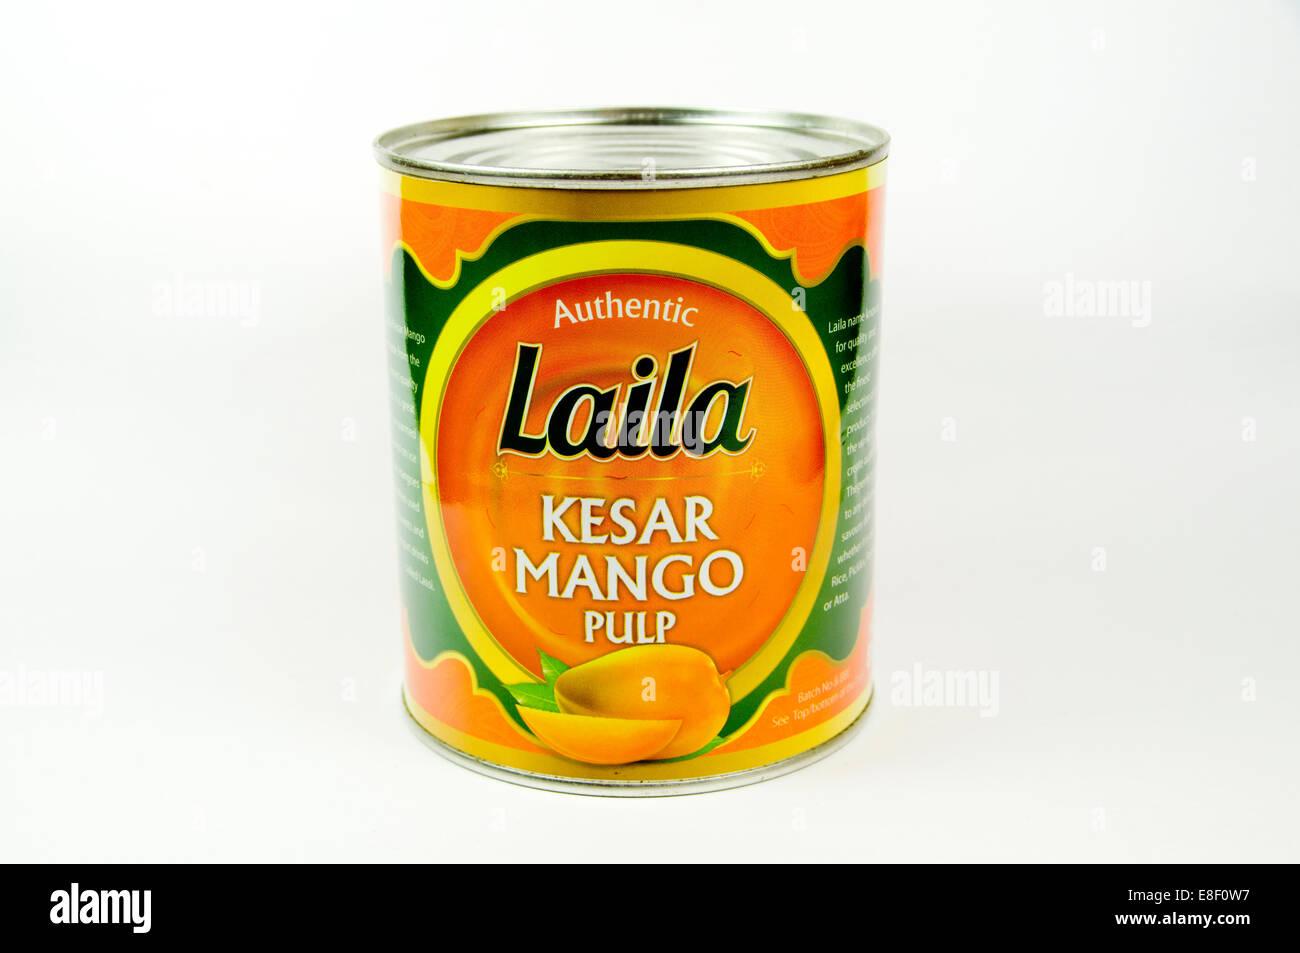 tin of Mango pulp - Stock Image